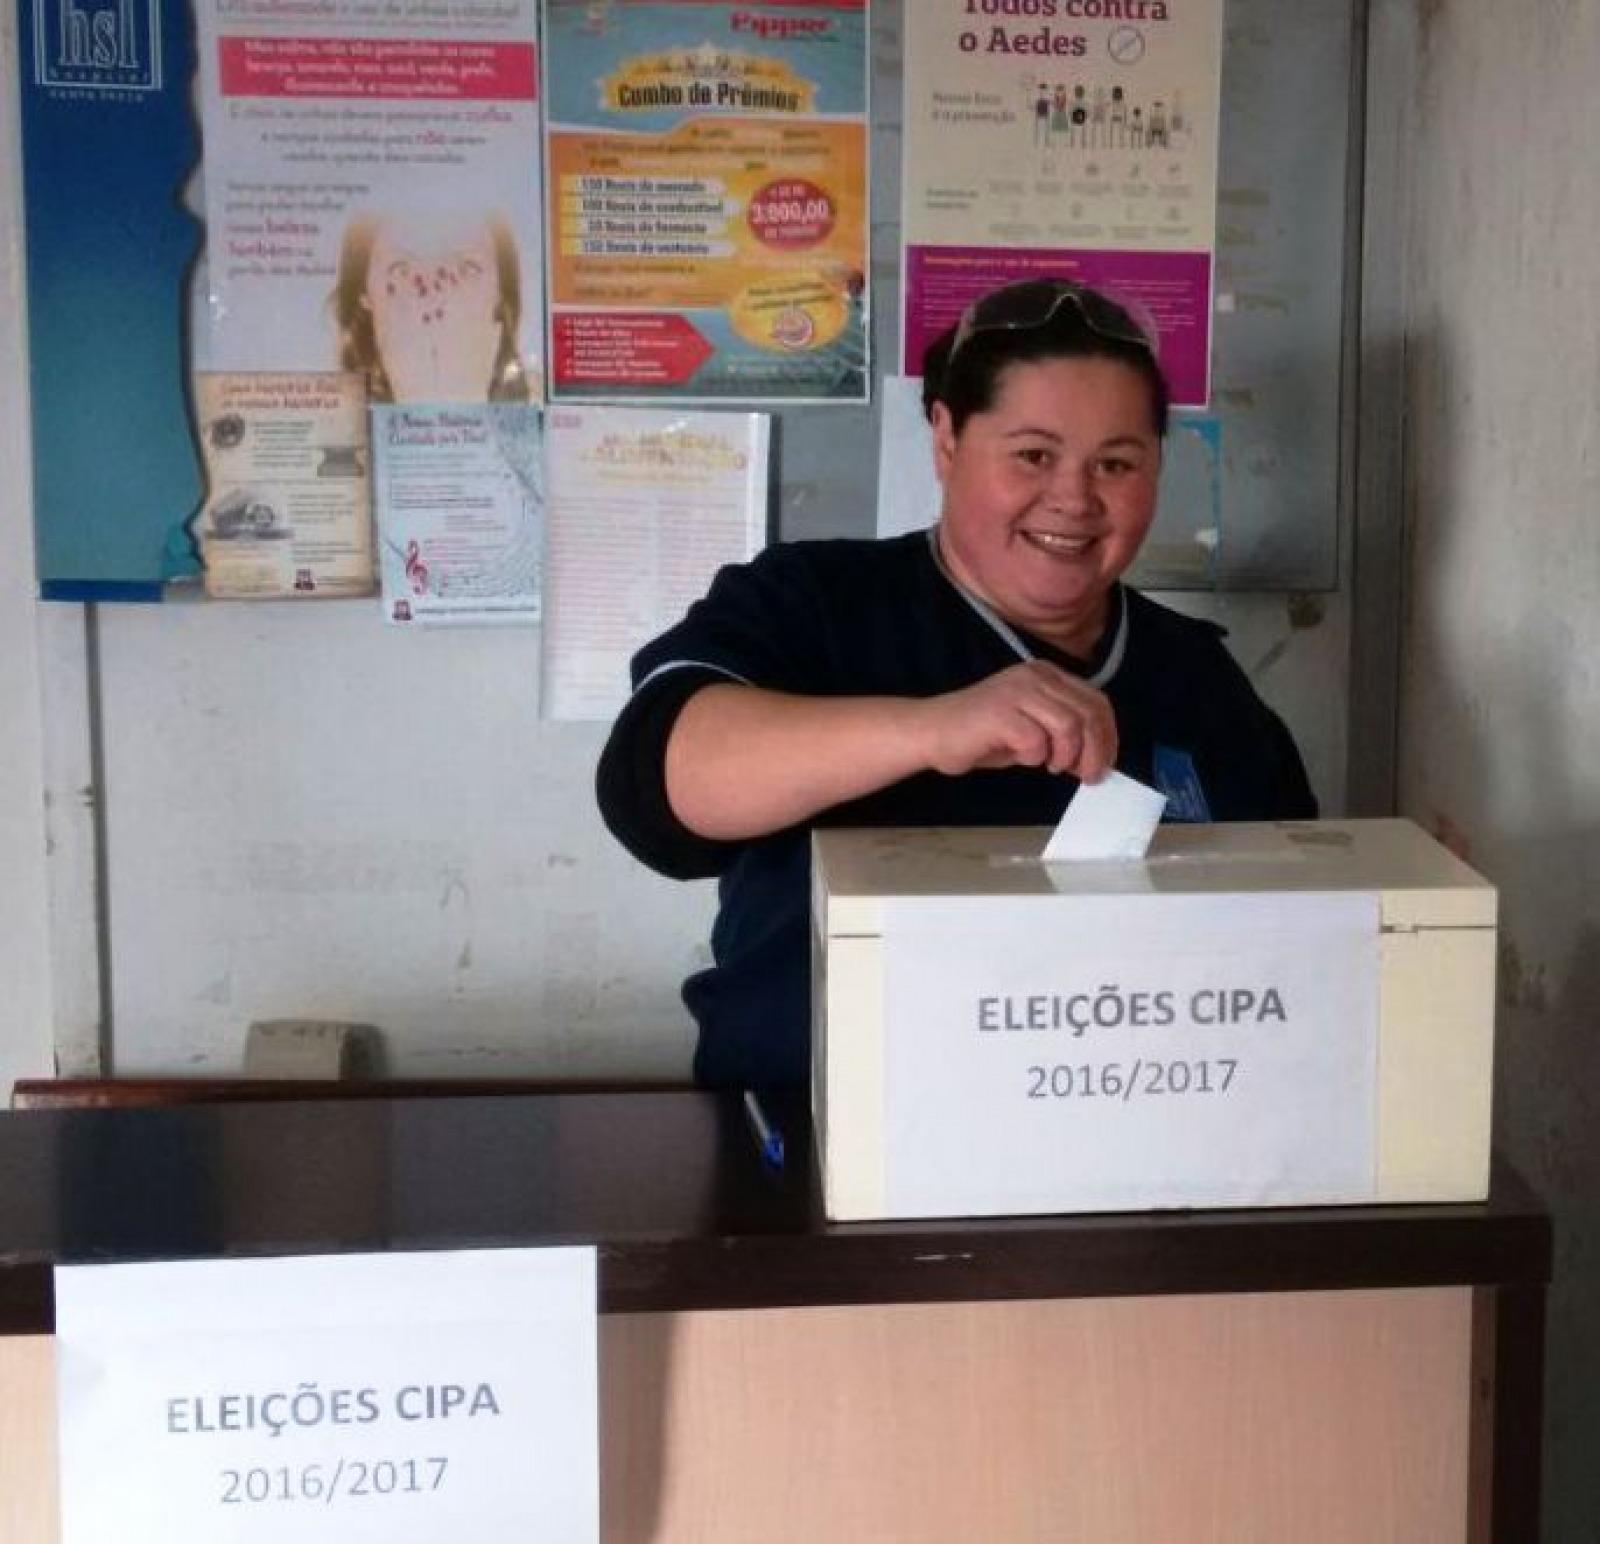 Eleição da CIPA/2016 no Hospital Santa Lúcia